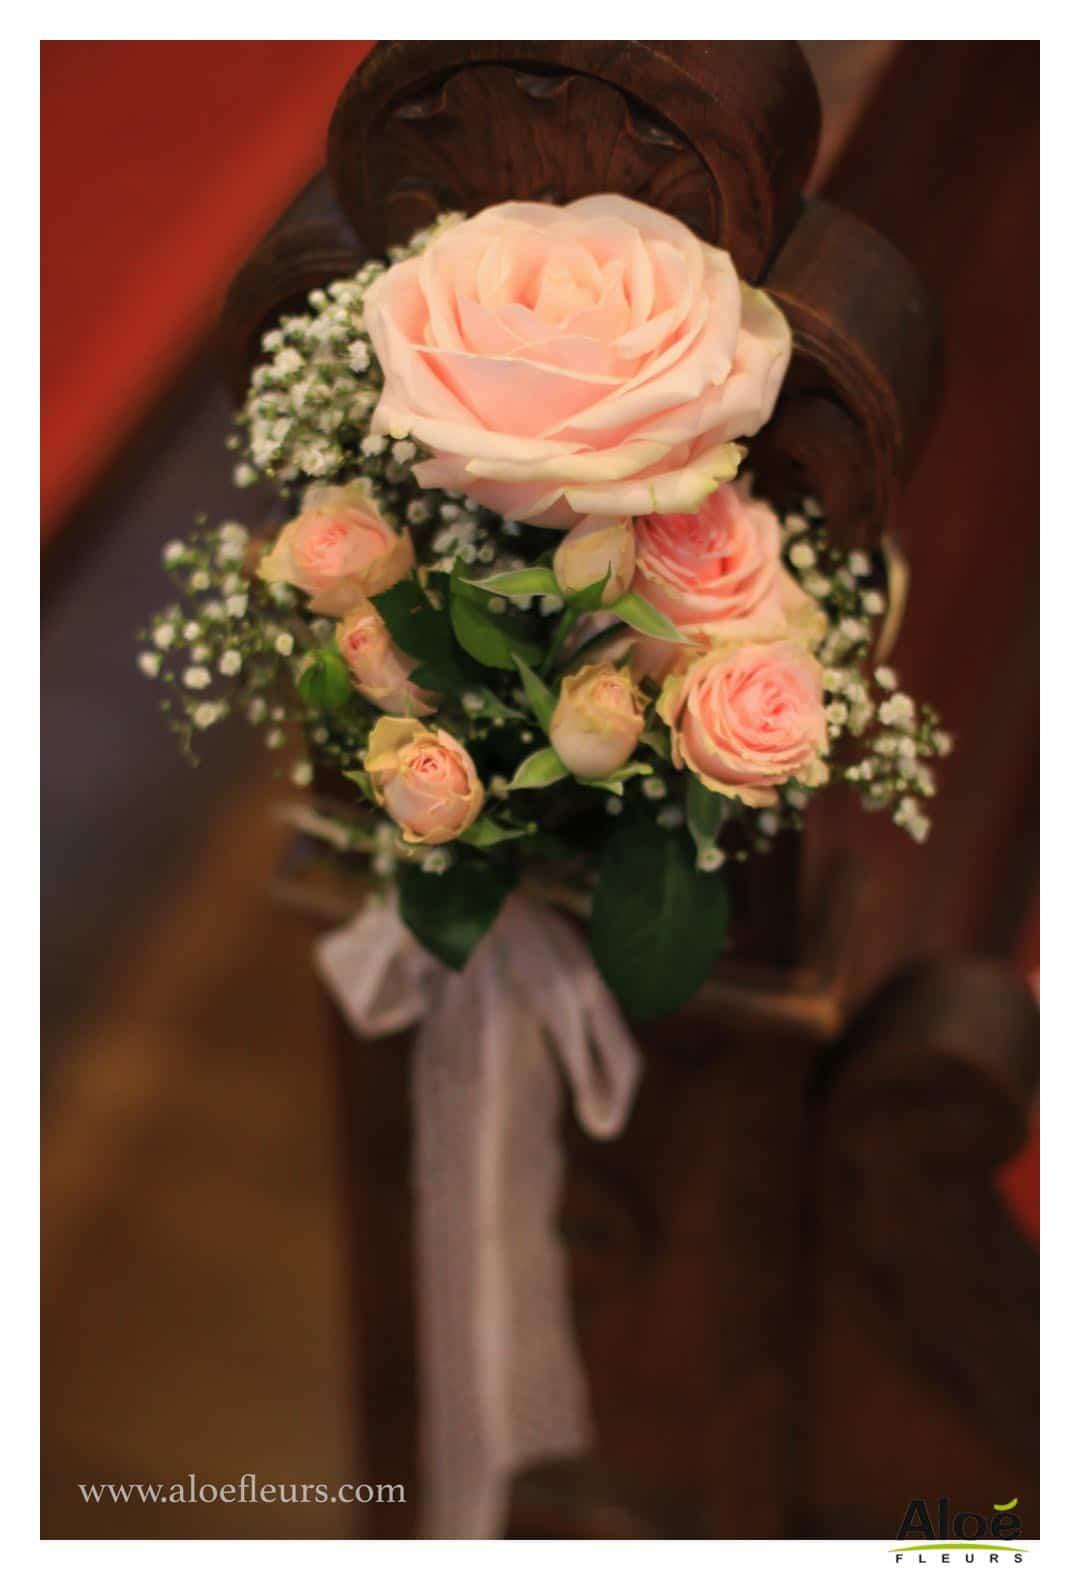 Cadre bouquet mari e et mariage pivoine rose ancienne 0231 27 aloe fleurs - Bouquet pivoine mariage ...